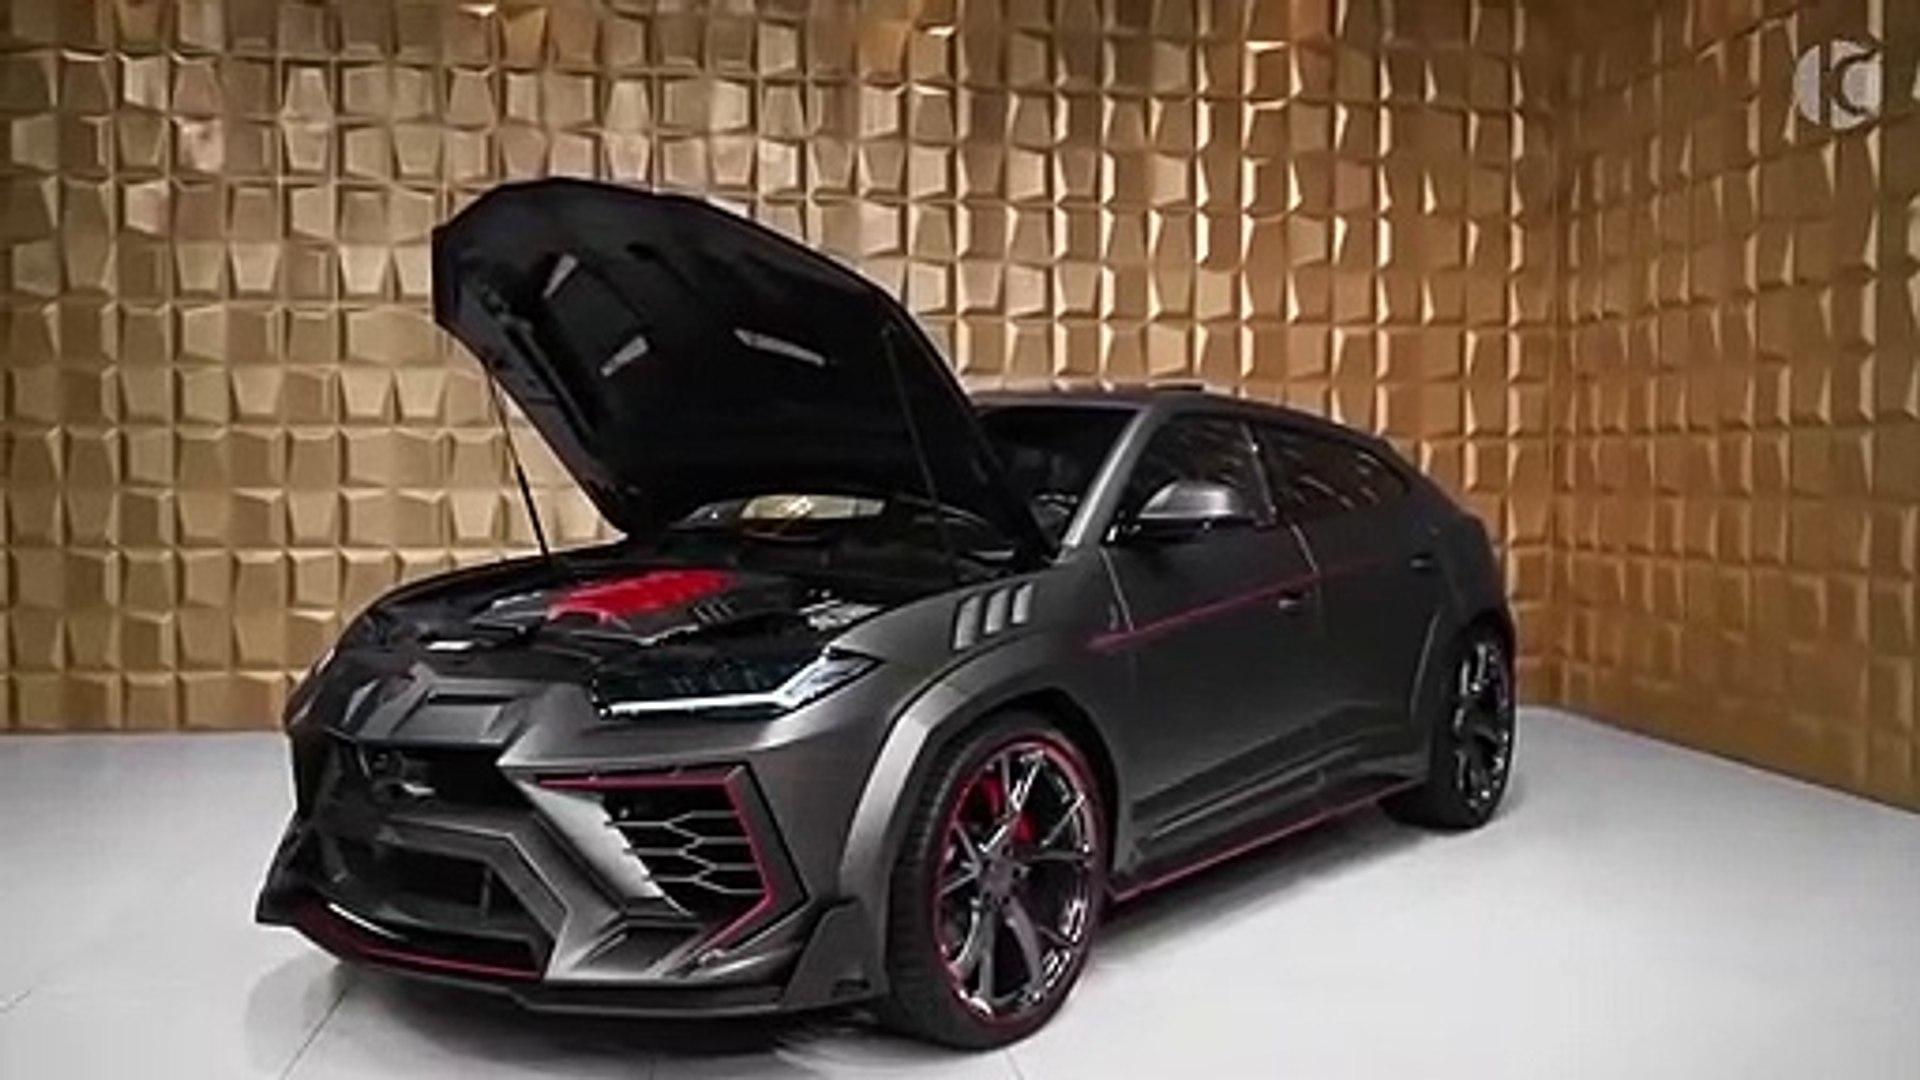 2020 Mansory Lamborghini Urus Venatus Wild Super Suv Is Here Video Dailymotion